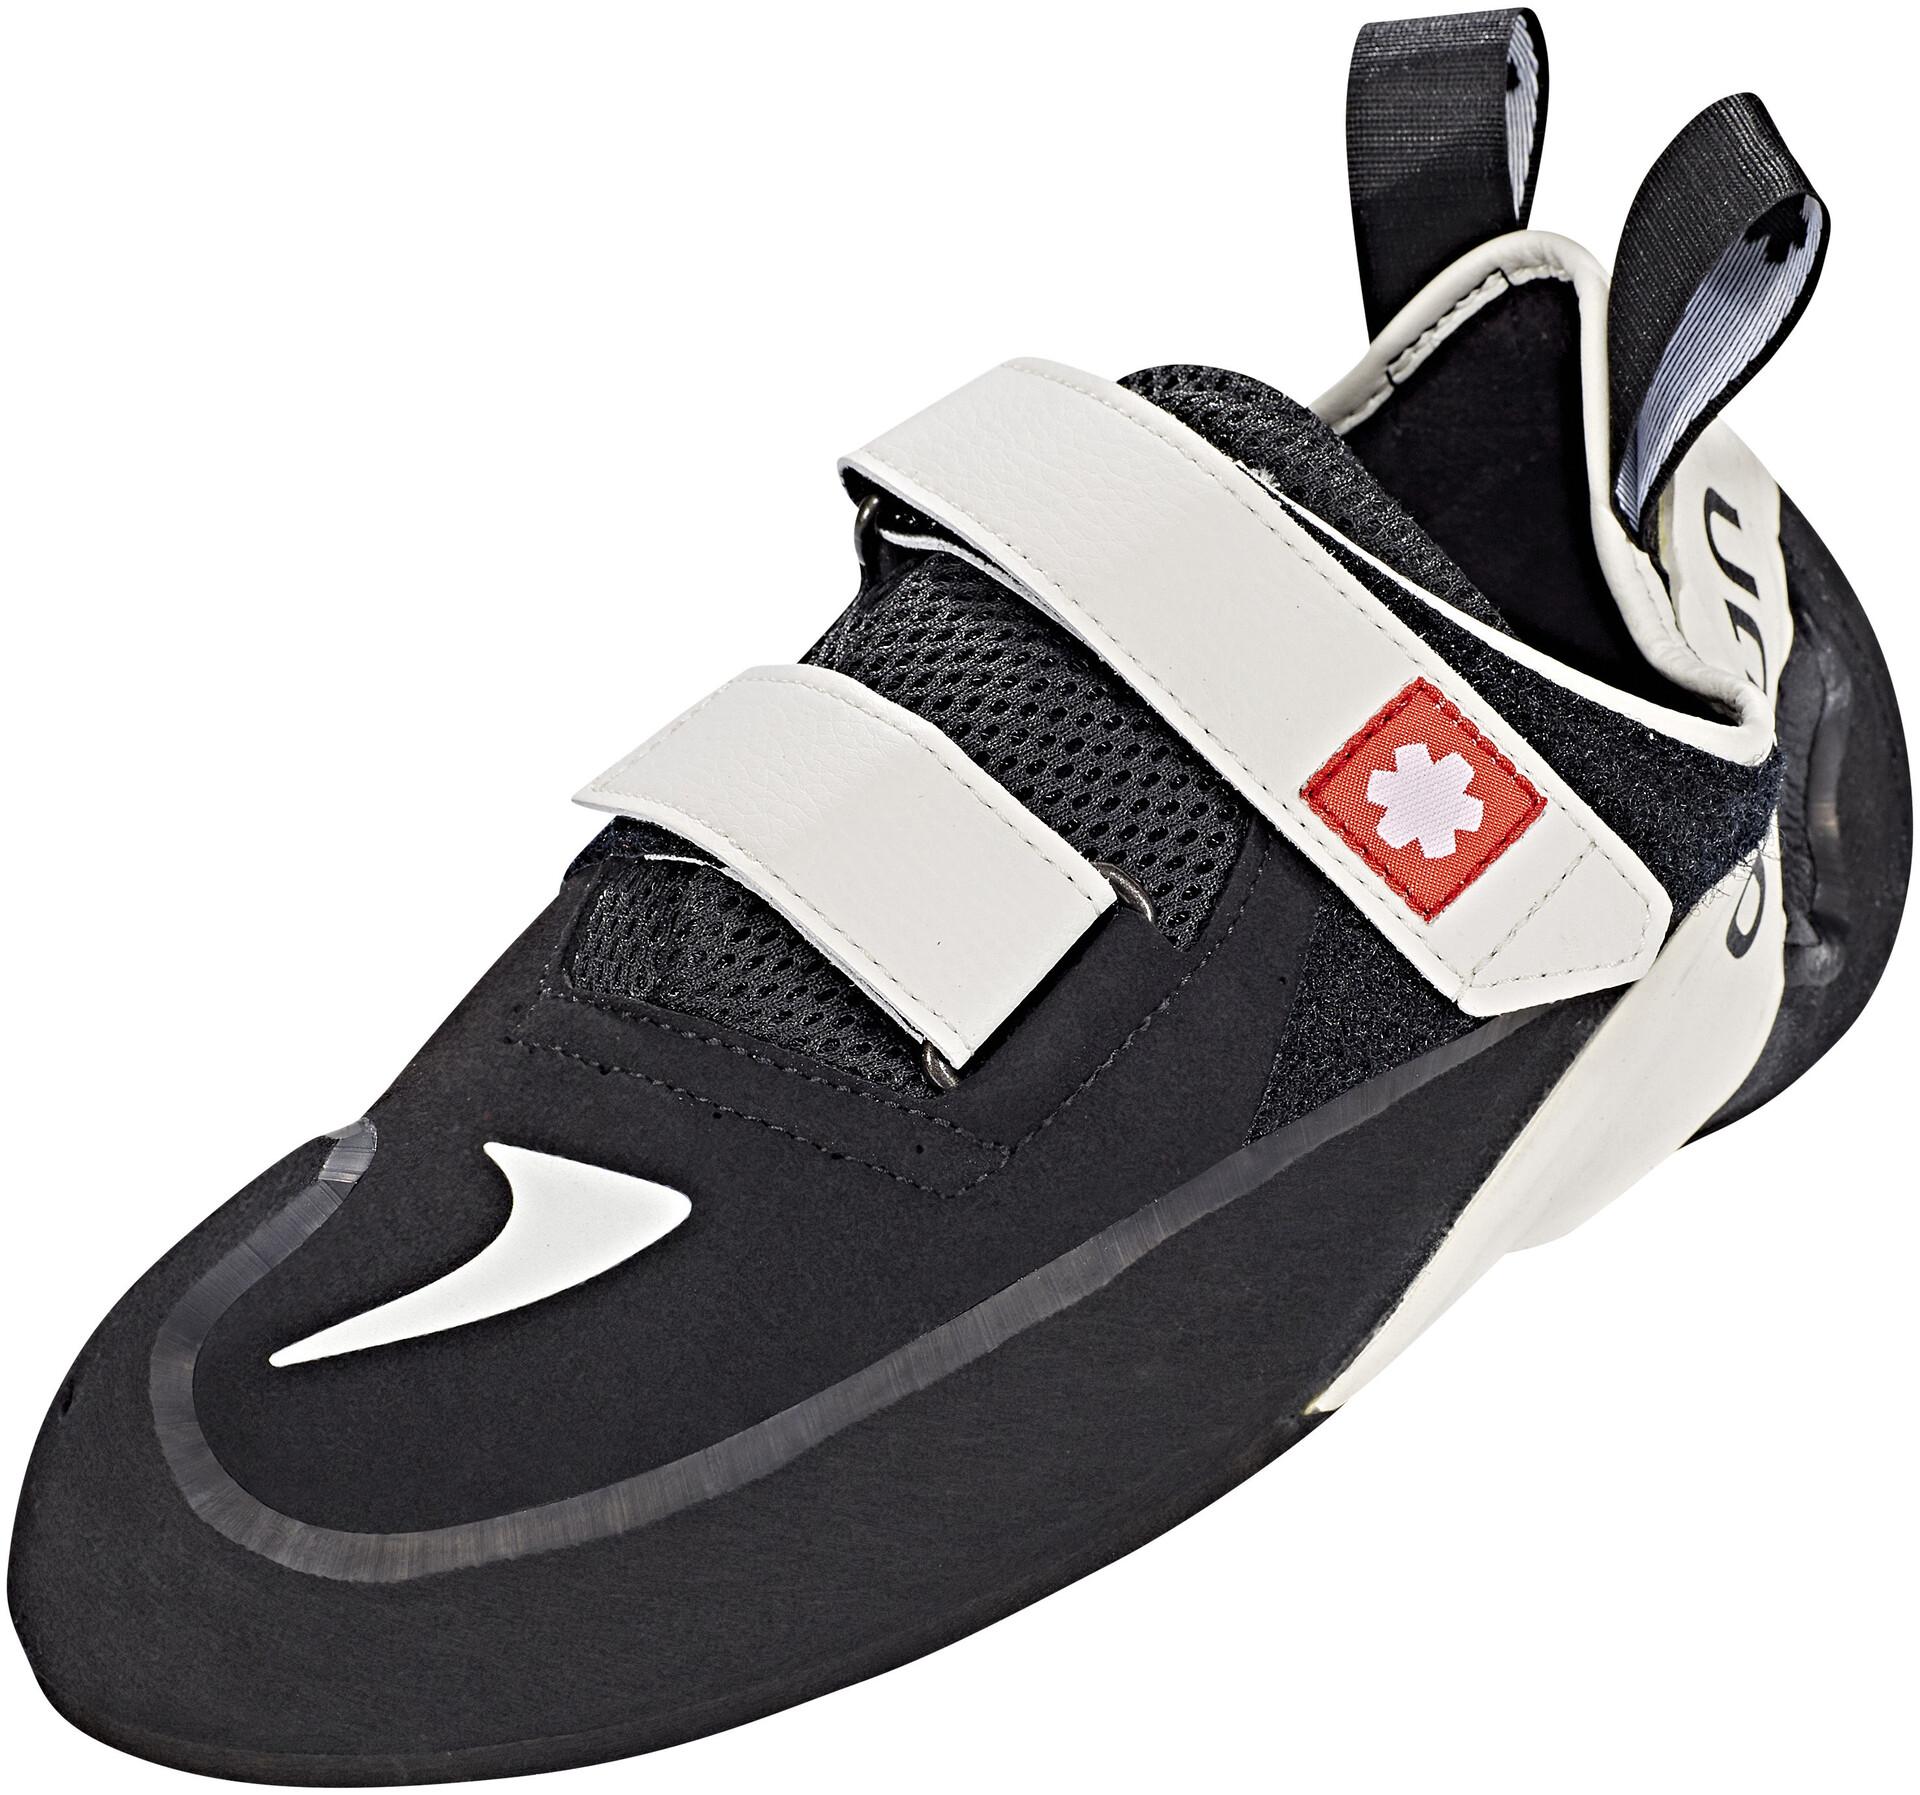 Ocun Rebel QC Chaussures d'escalade